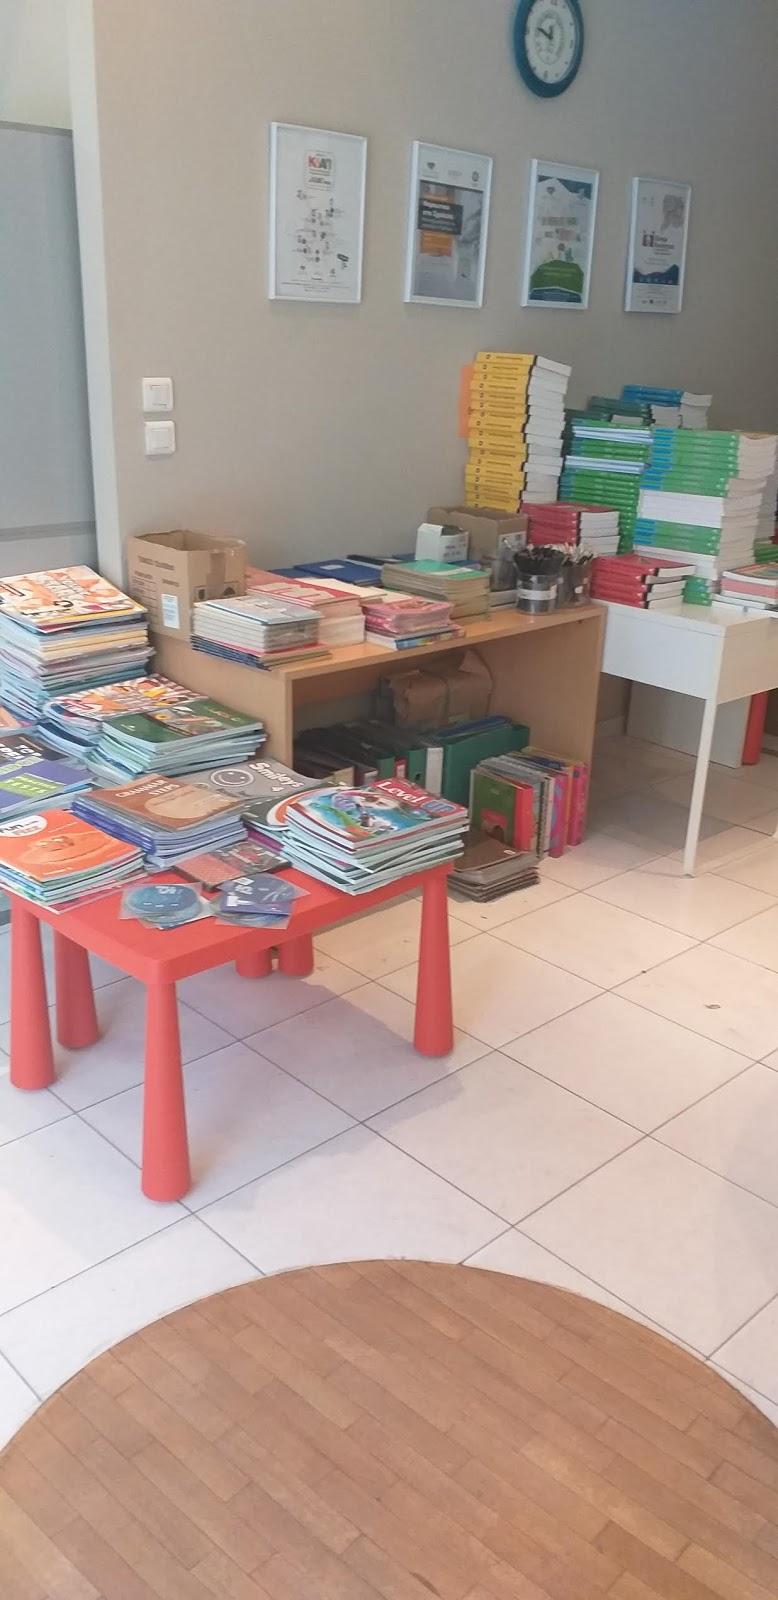 Διανομή σχολικών ειδών από το Κοινωνικό Παντοπωλείο Λάρισας